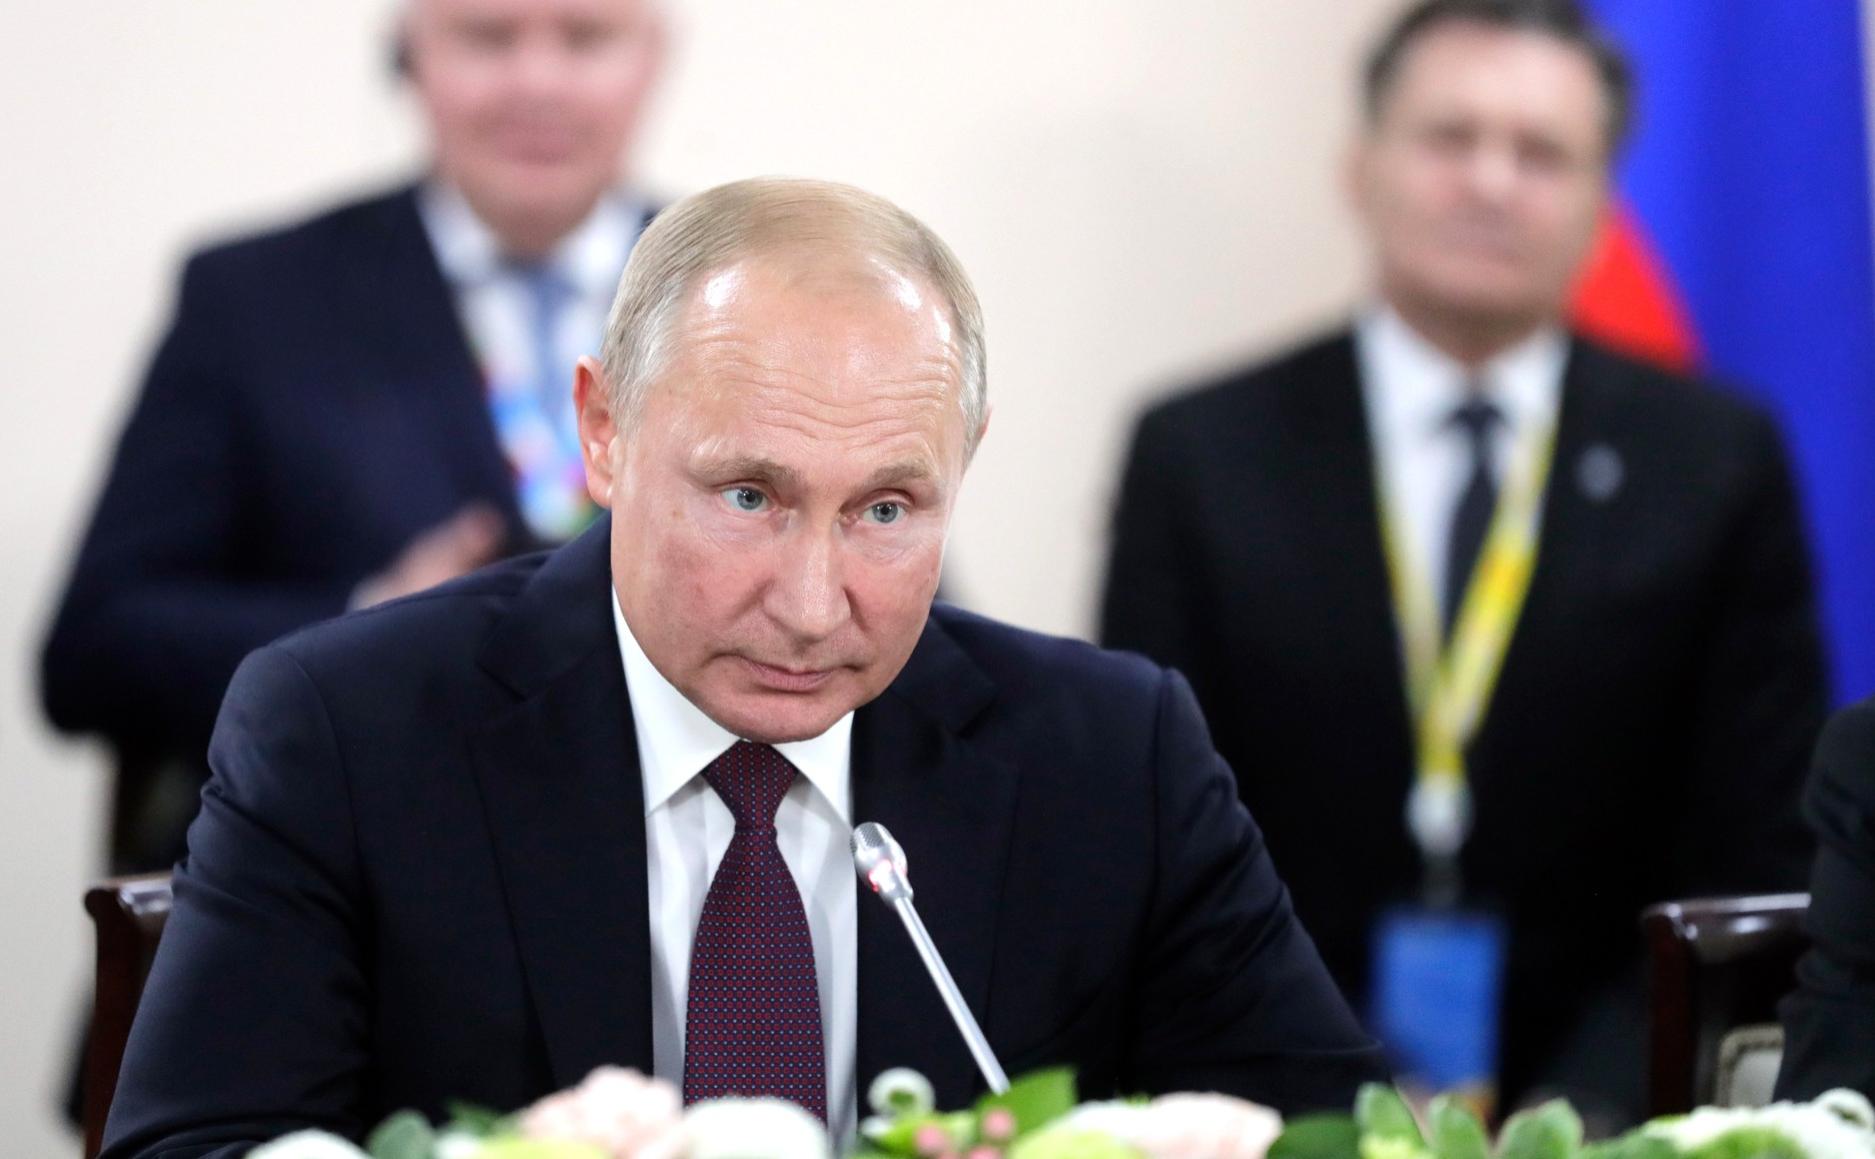 Франция не заметила изменений в политике России для участия в саммите G7